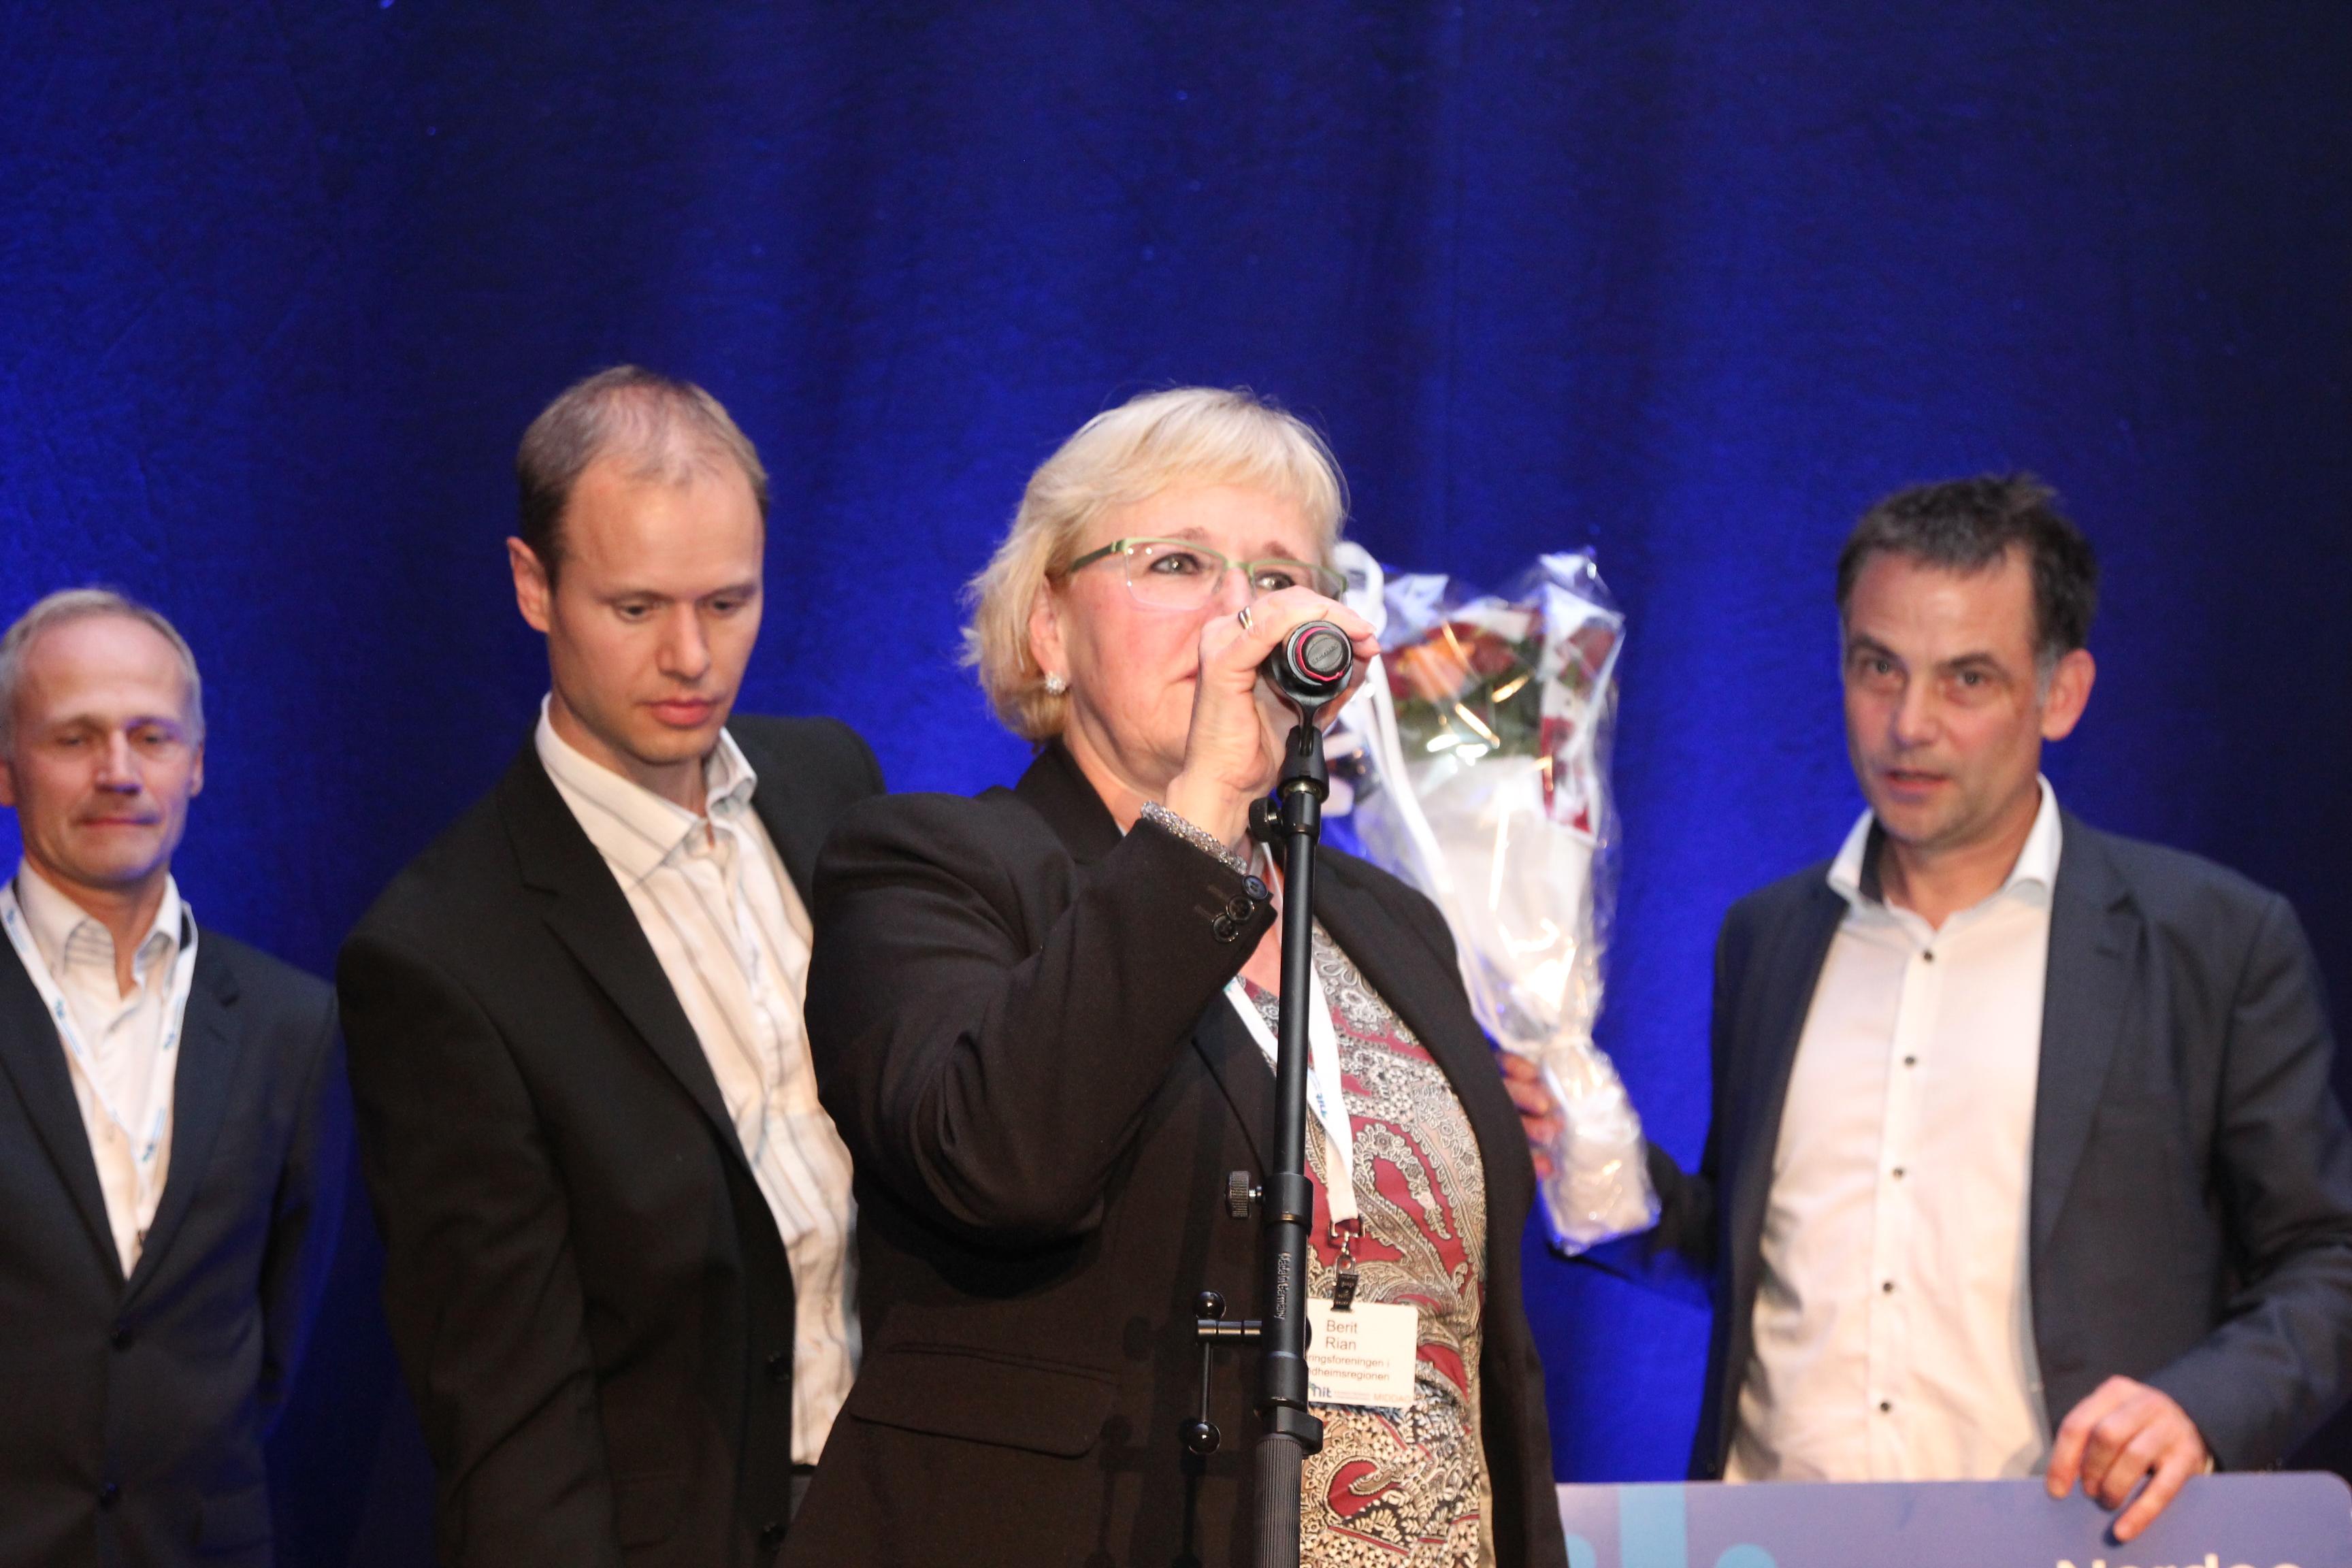 NiT-sjef Berit Rian med lykkønskning til prisvinnerne.